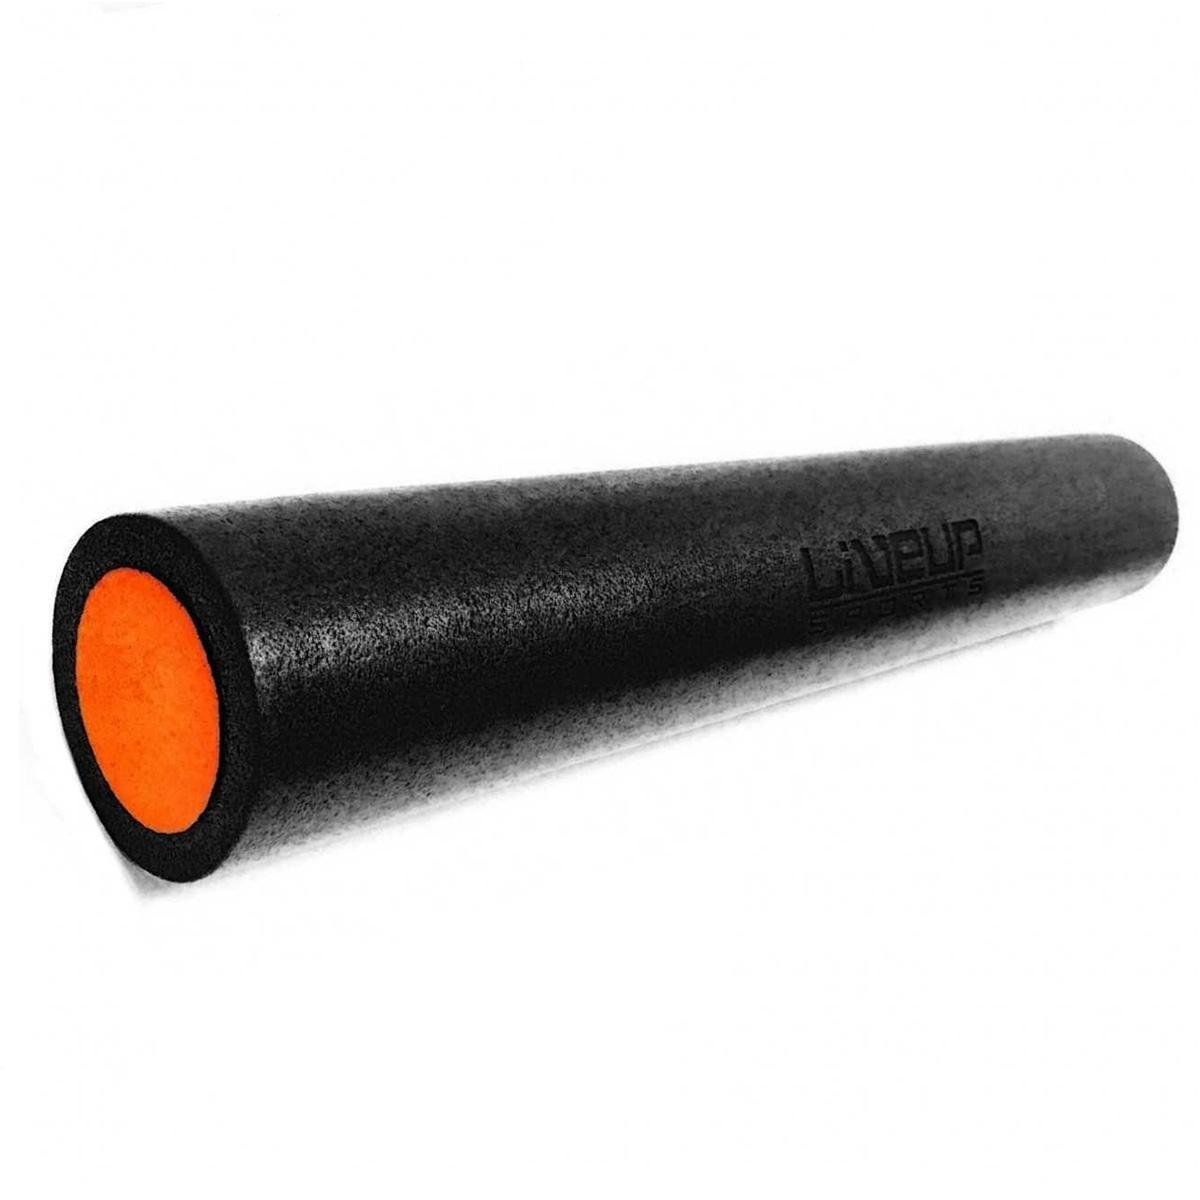 Rolo de Yoga para Pilates LiveUP 90x15cm - Preto